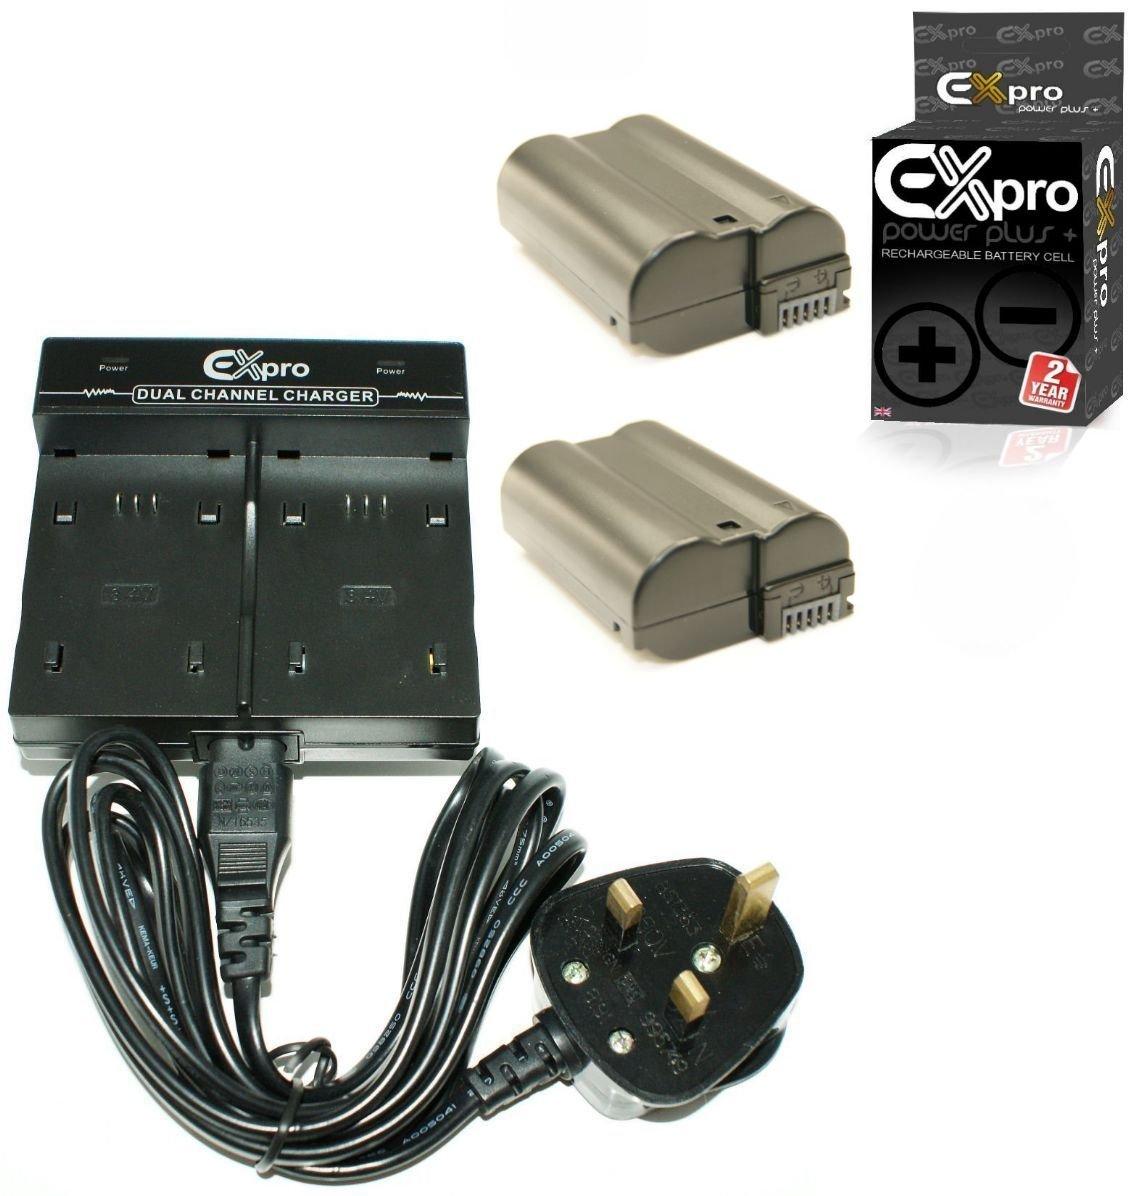 D810 D600 D750 ProPower Elite High Capacity 2200mAh Lithium Li-on Digital Camera Battery for 1 V1 D7100 D7200 ENEL15 Ex-Pro Nikon EN-EL15 D610 D800 D7000